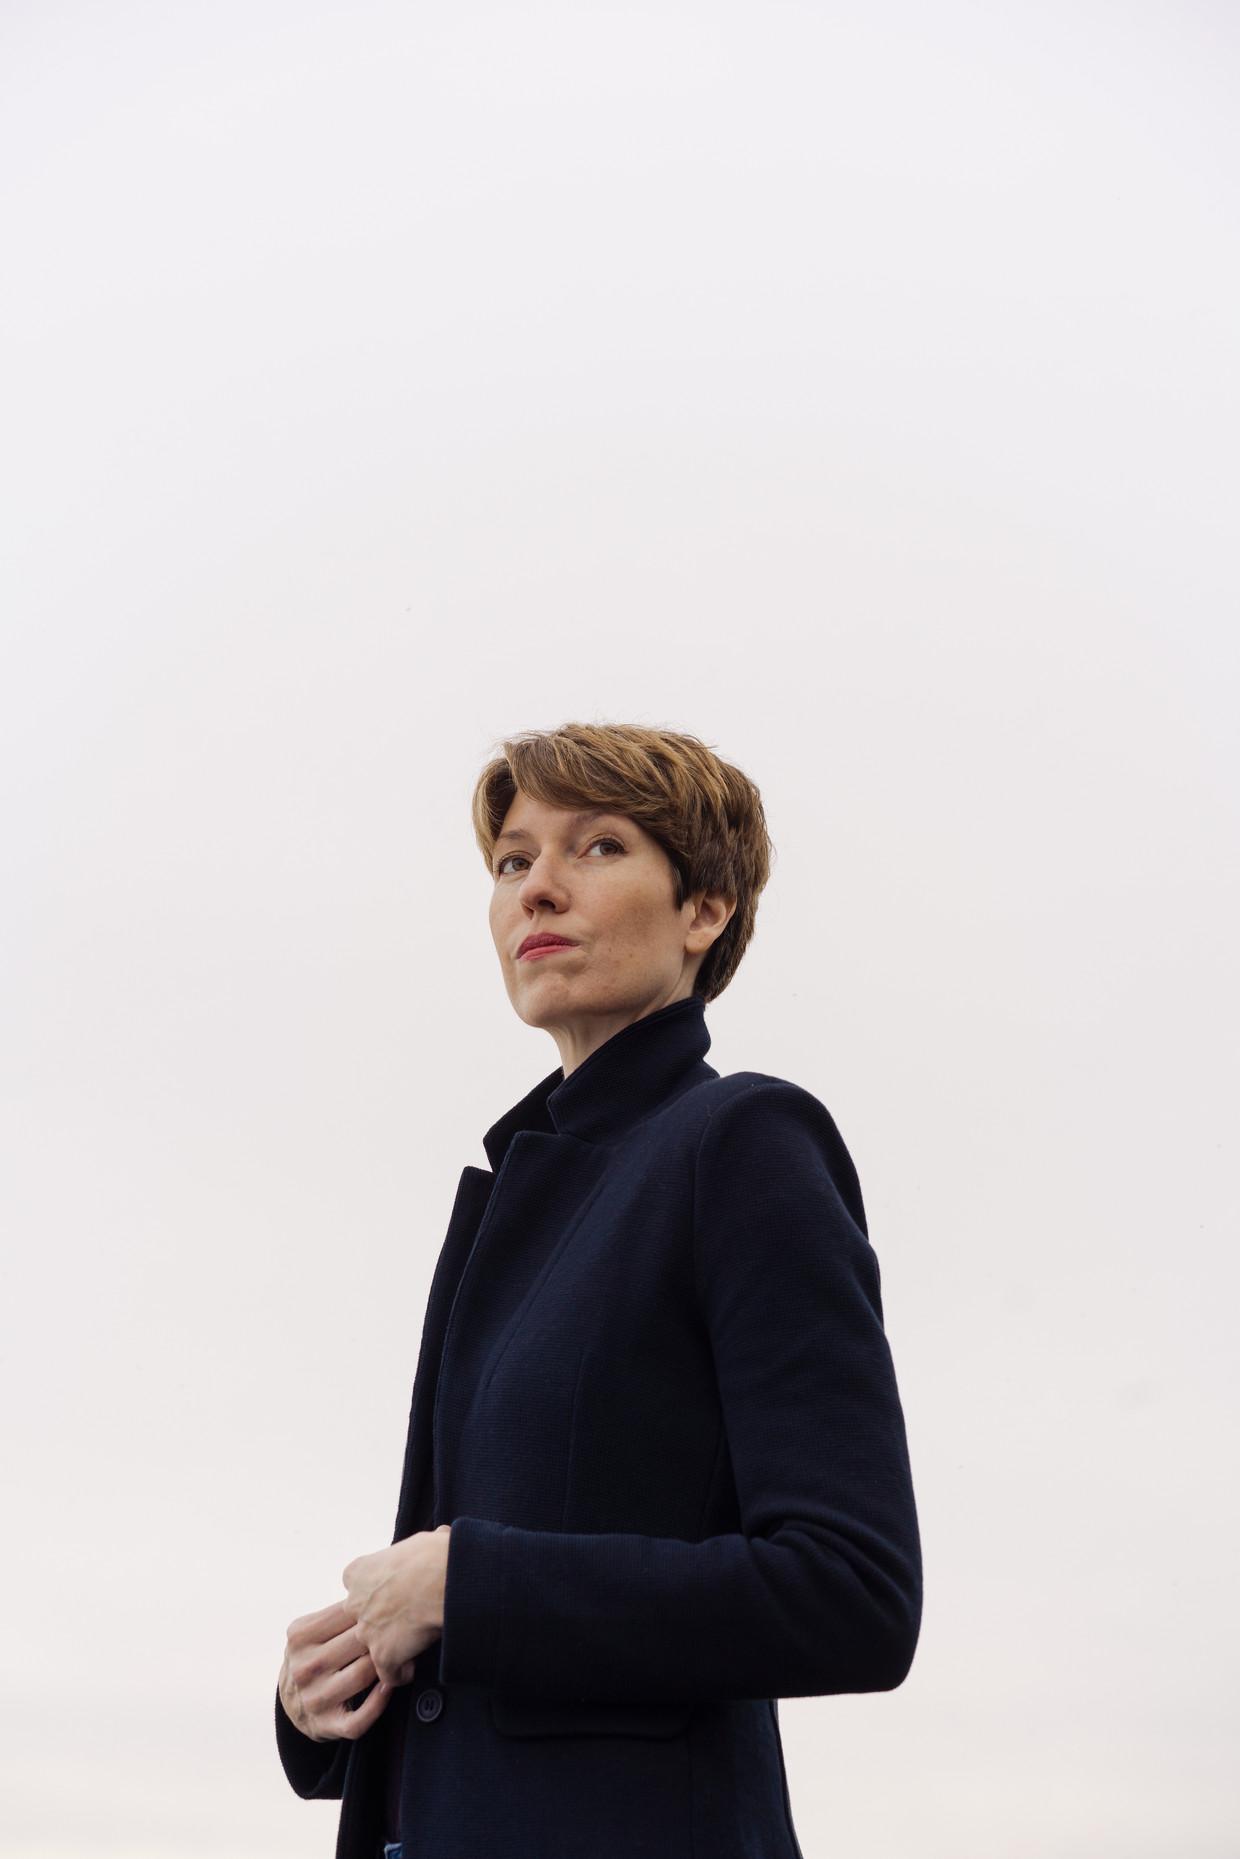 Sarah Ramey, auteur van 'Het handboek voor vrouwen met mysterieuze kwalen'.